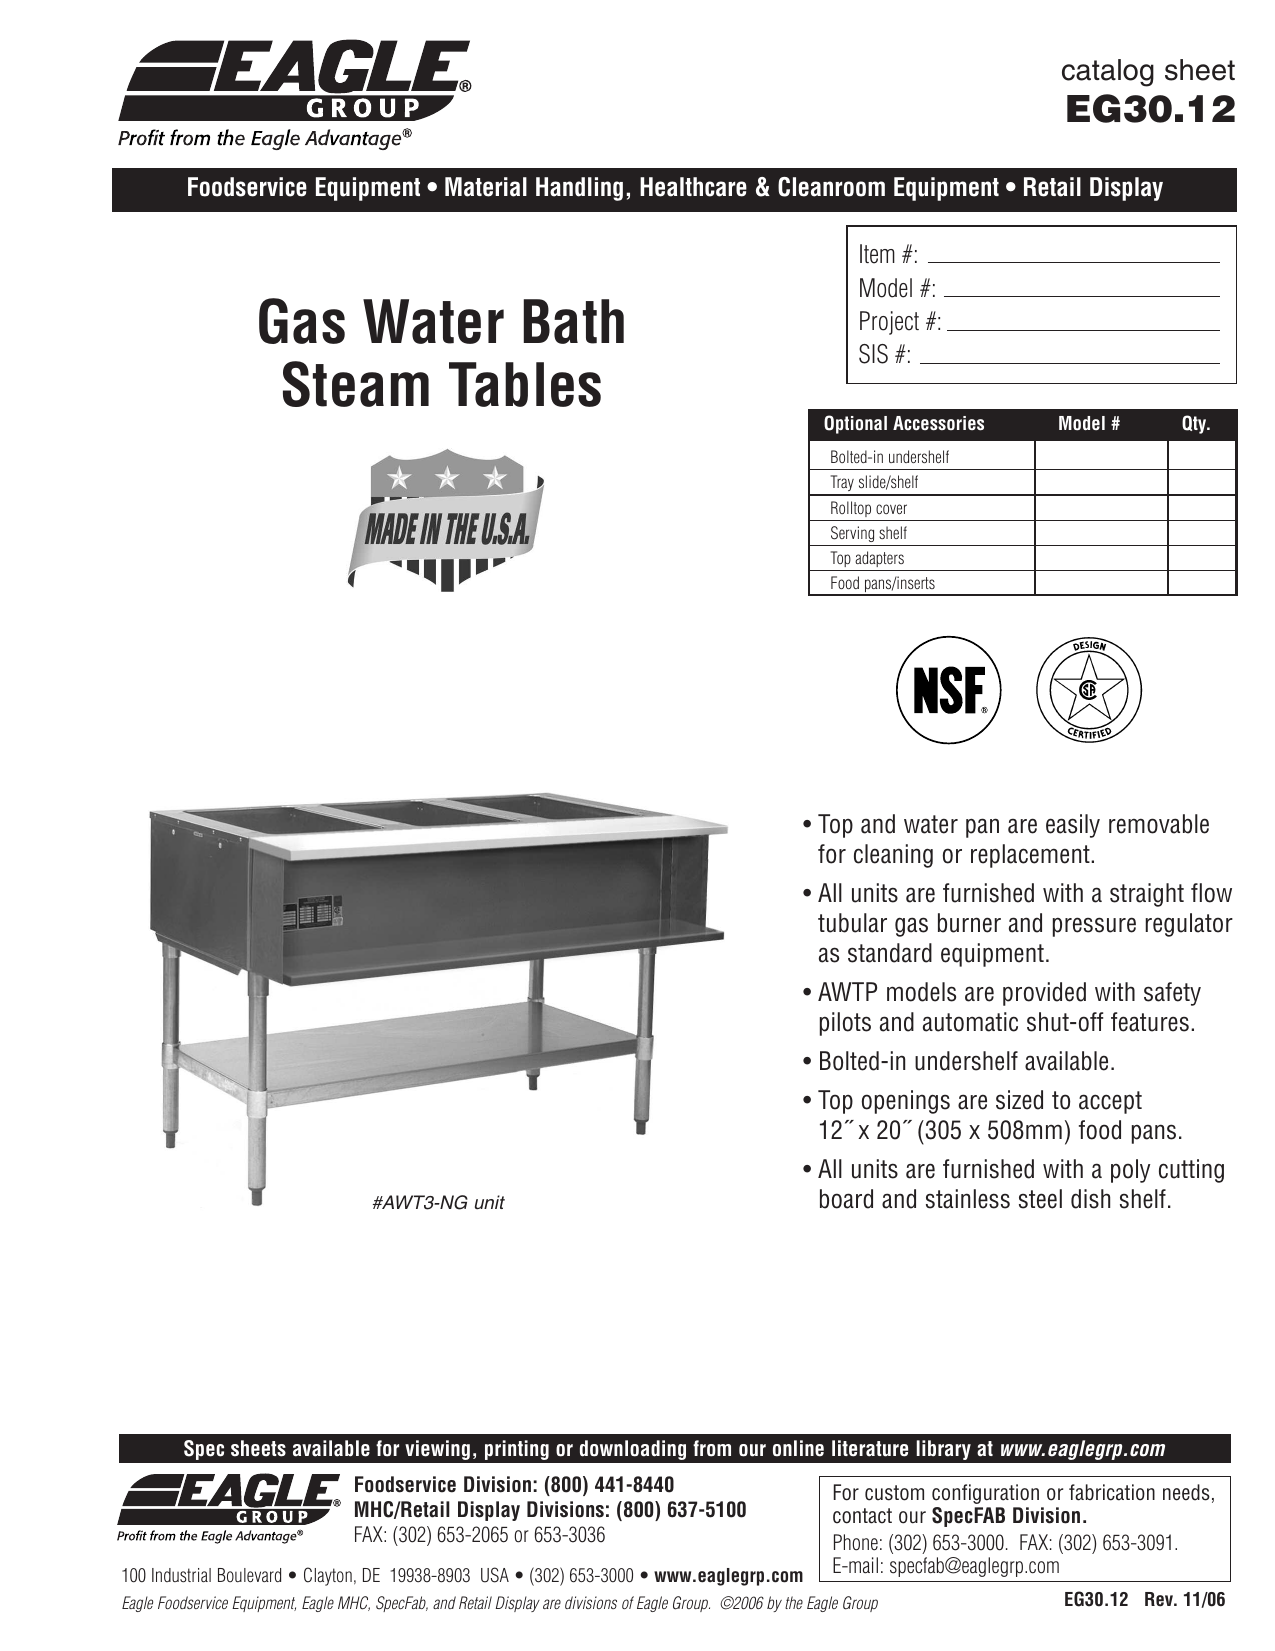 Gas Water Bath Steam Tables